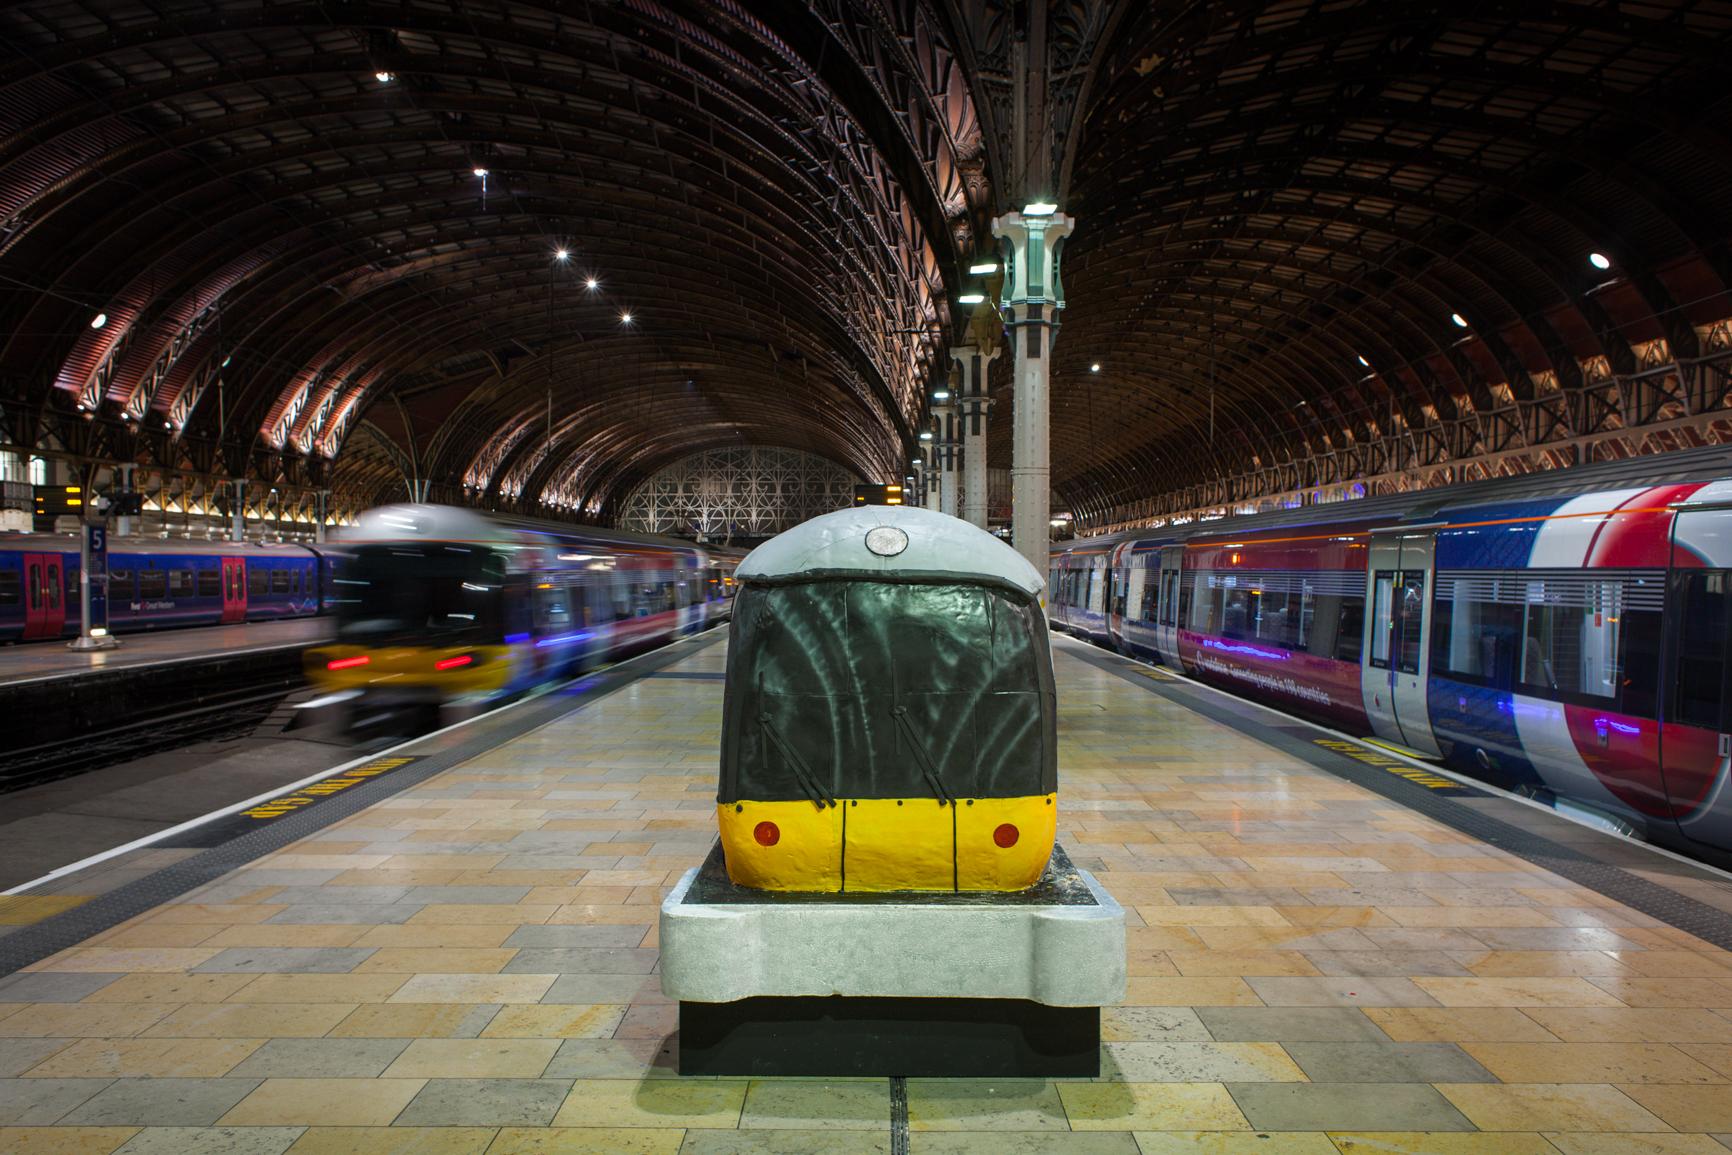 Happy Birthday Heathrow Express A Train Made Entirely